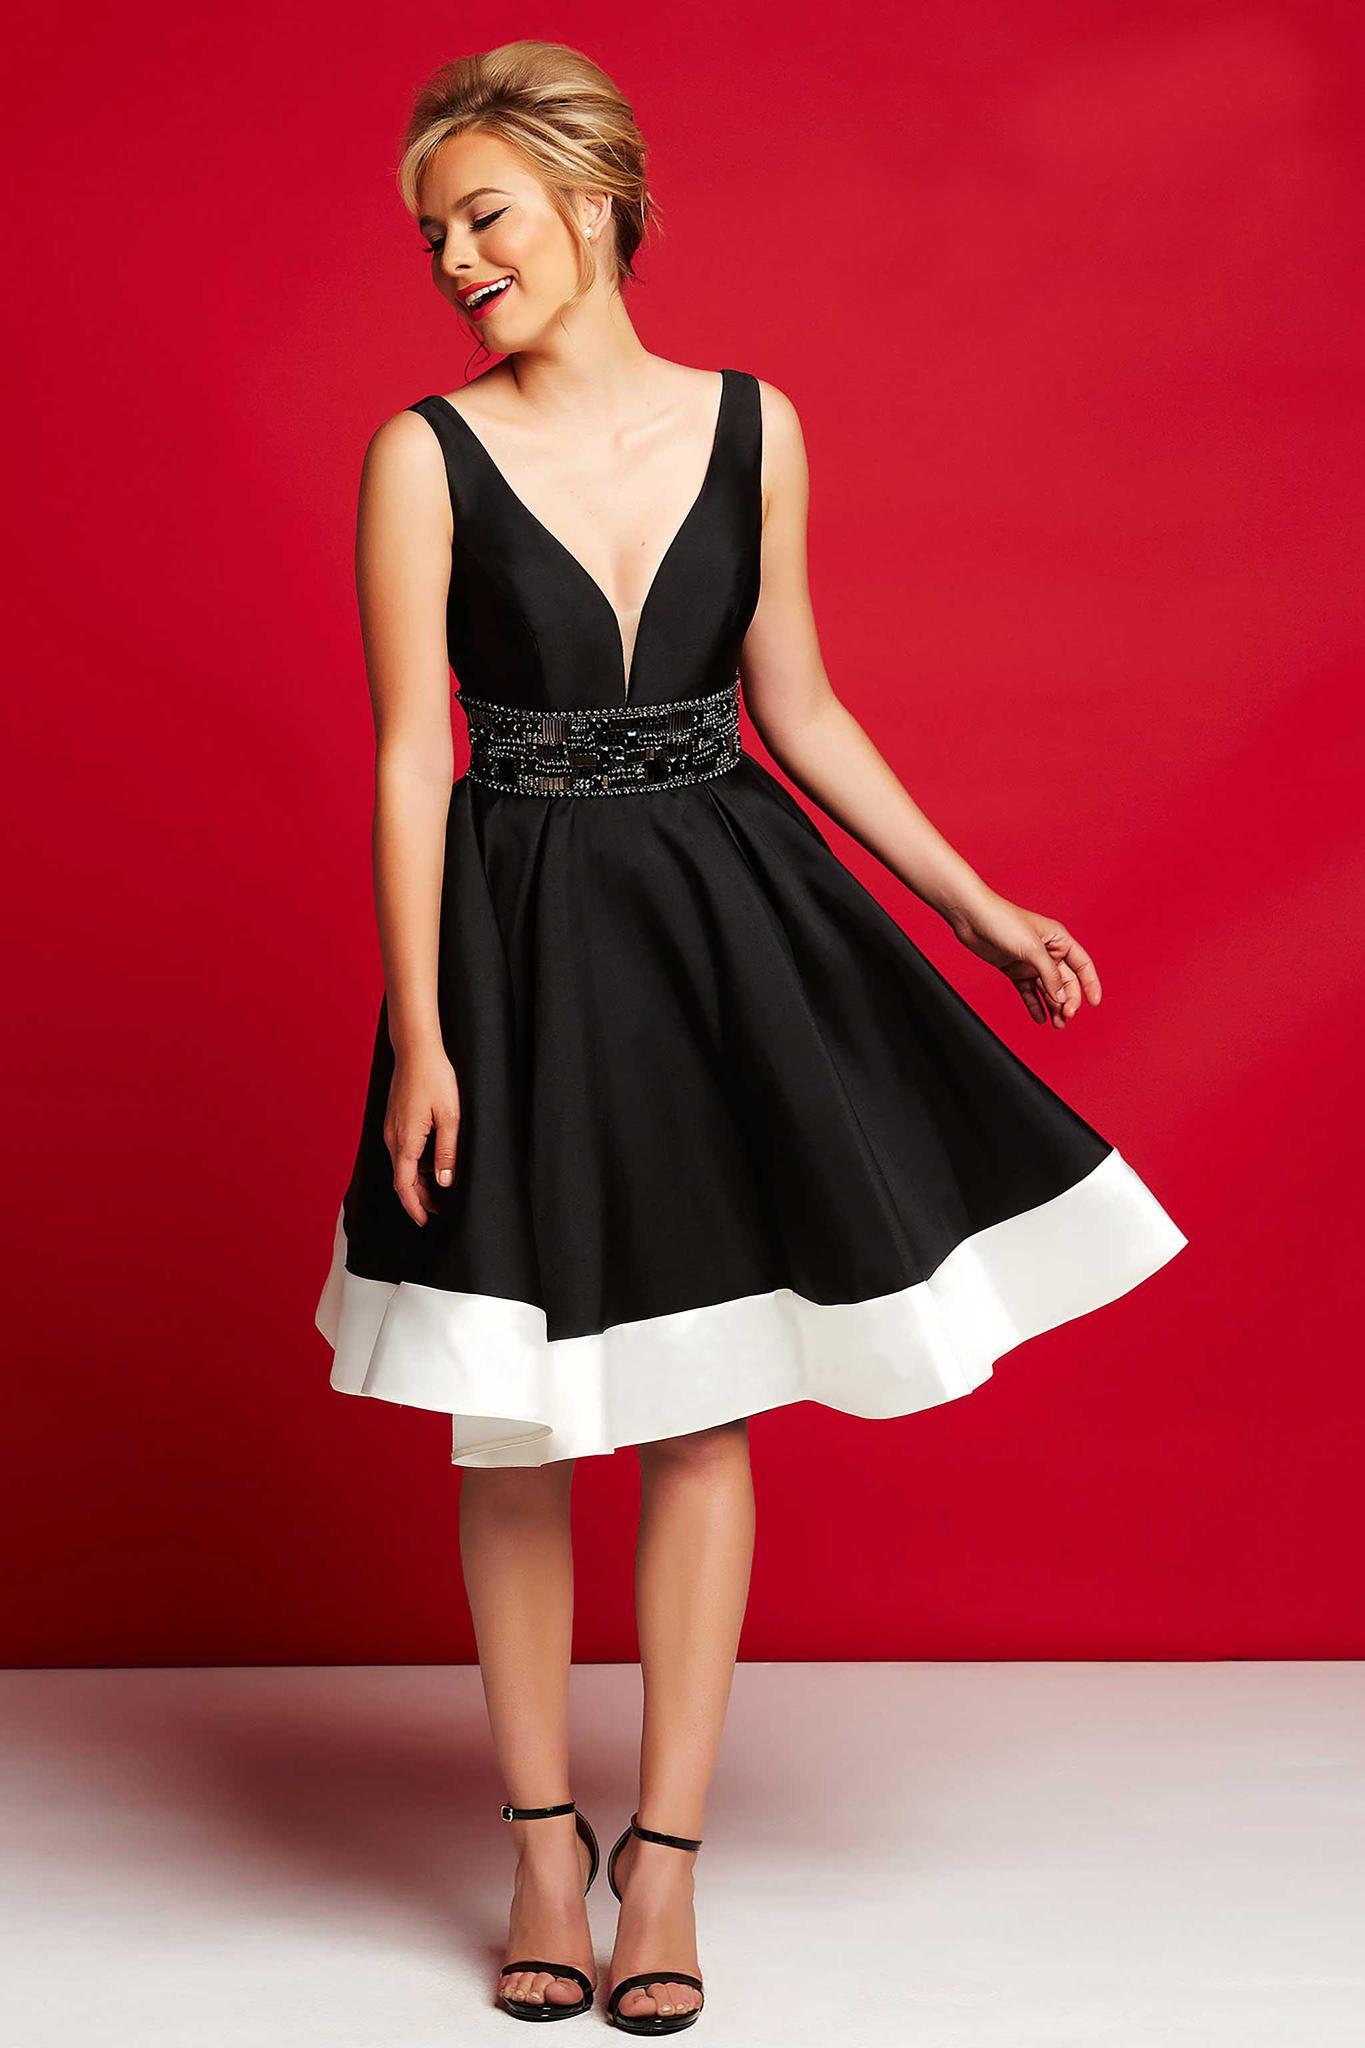 Mac Duggal 16200 Черное платье короткое, юбка пышная до середины колена. Застежка: Потайная молния сзади